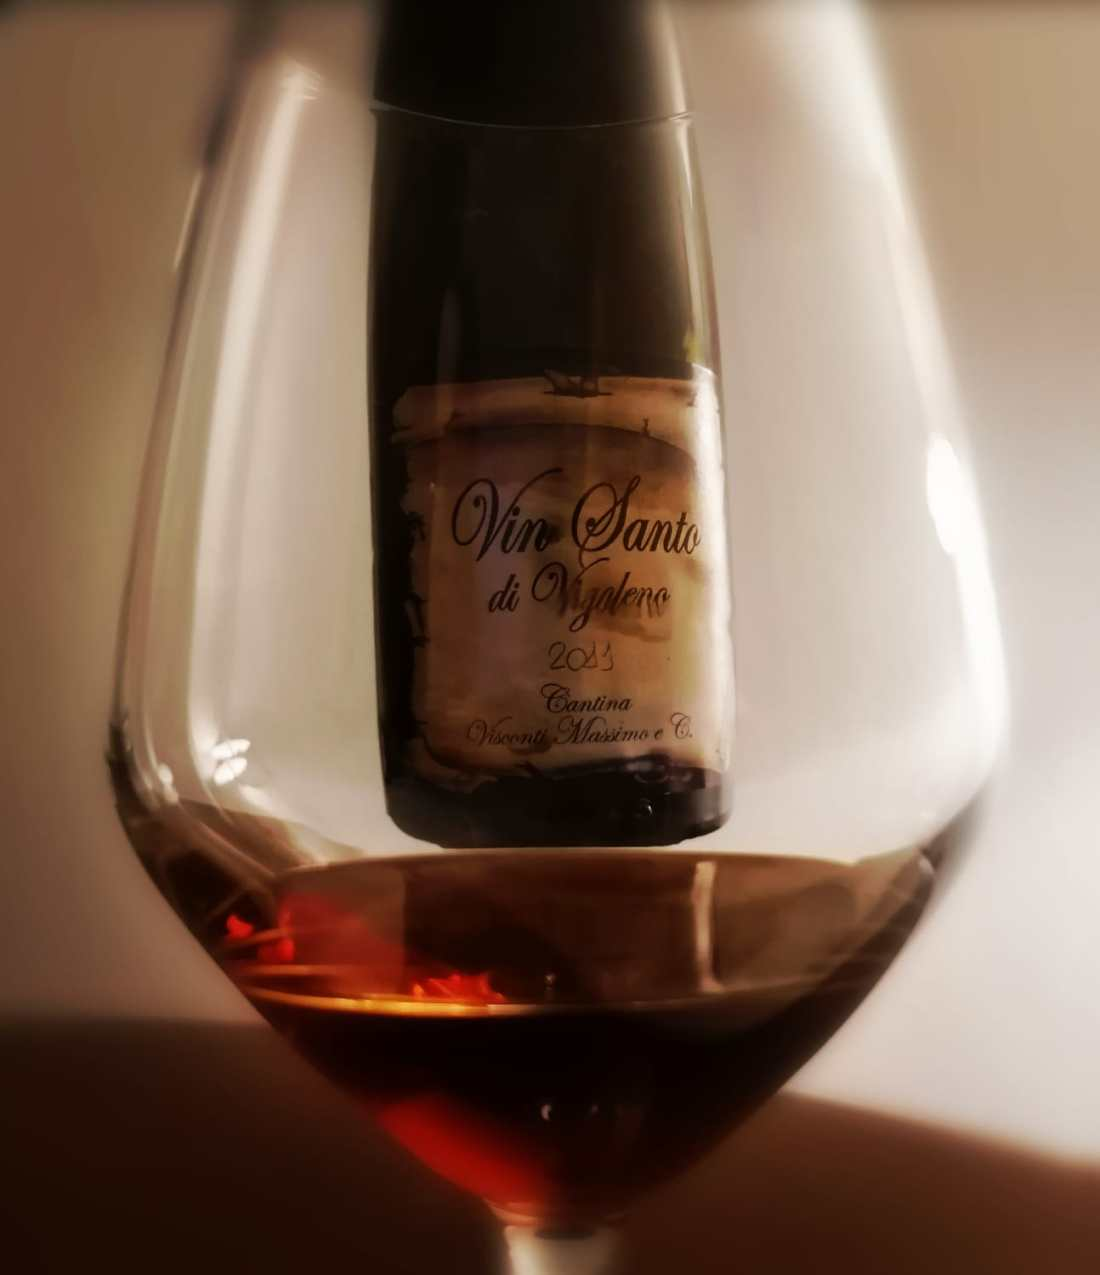 Vin Santo di Vigoleno Visconti attraverso il calice